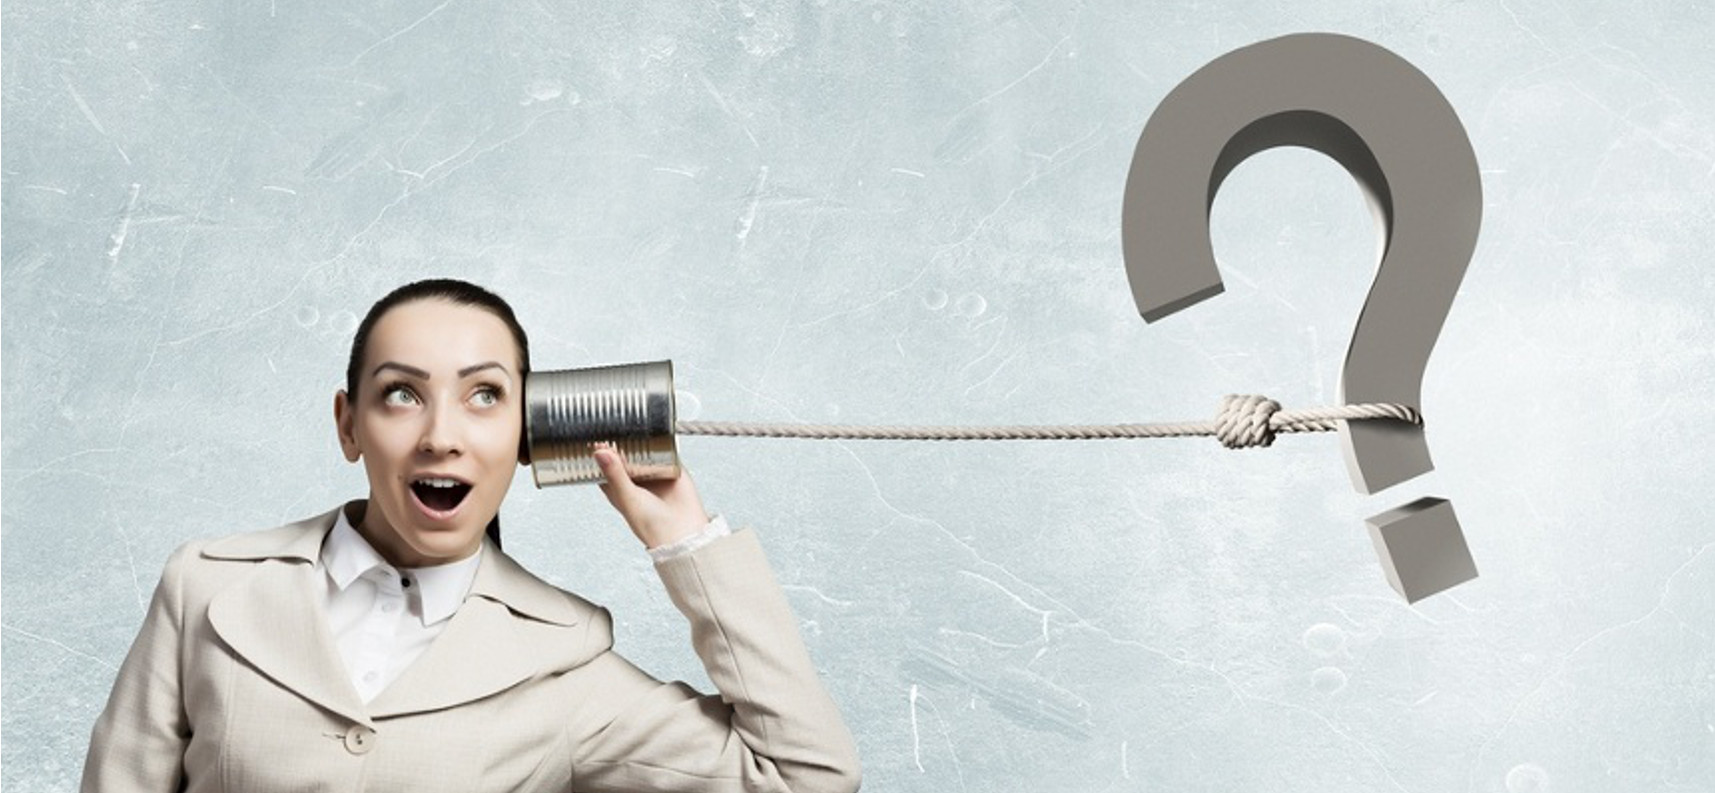 mujercontelefon